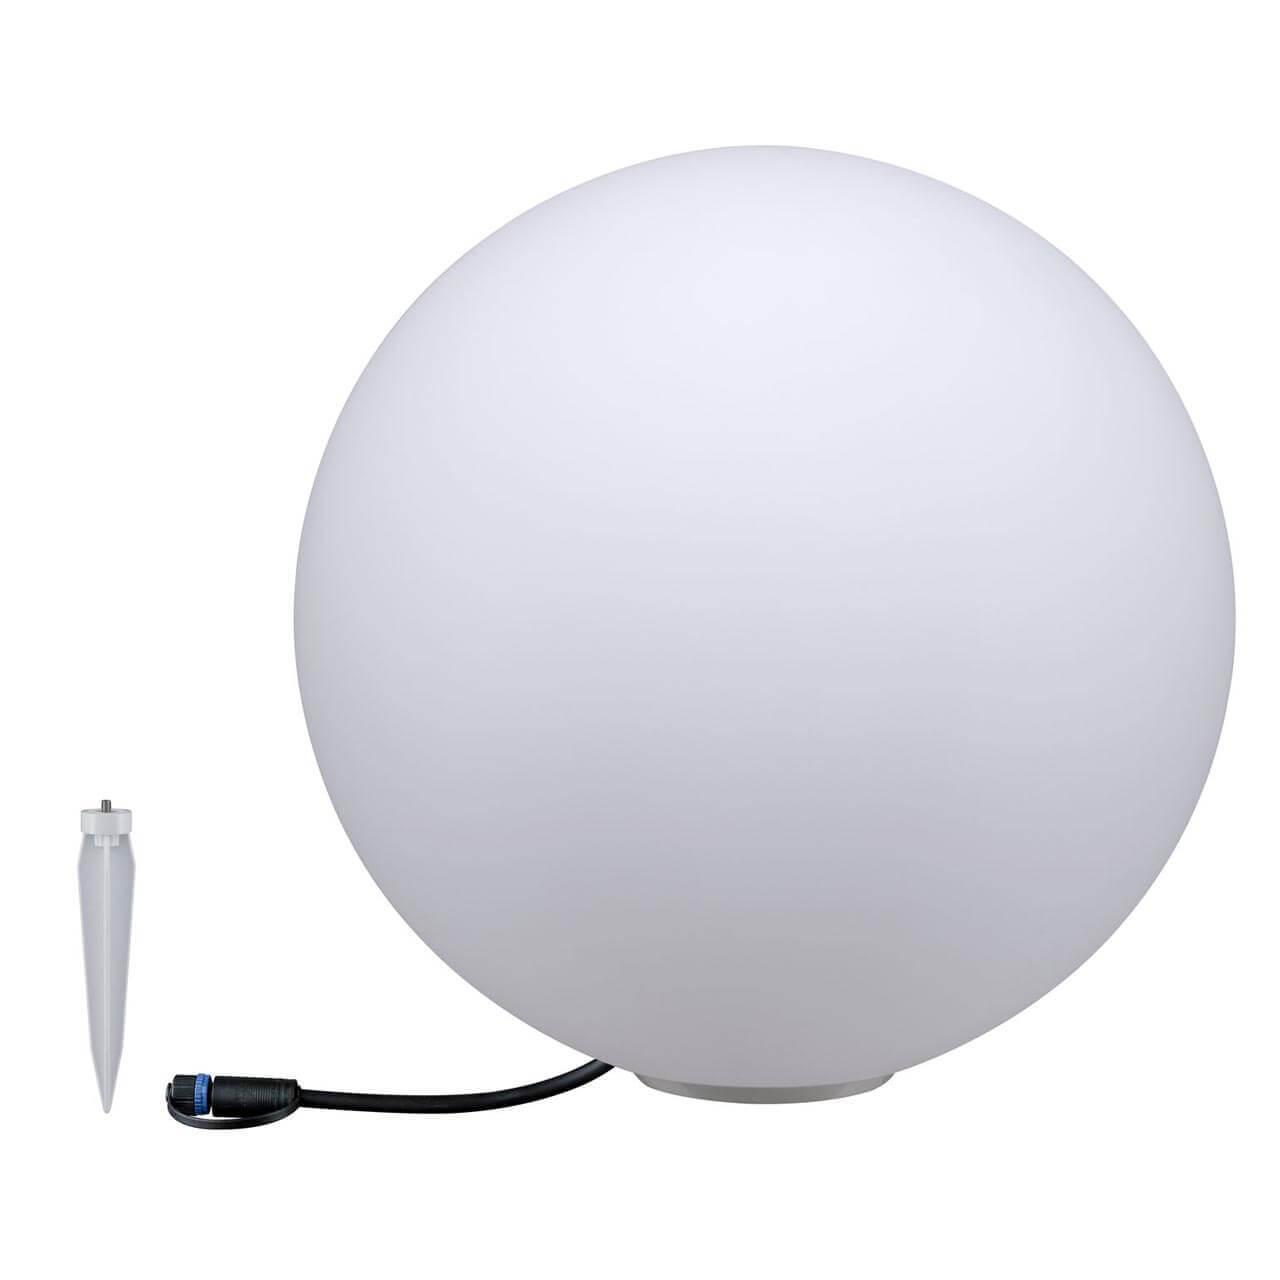 Светильник Paulmann 94178 Lichtobjekt Globe гречишников в а проектирование режущего инструмента isbn 978 5 94178 224 6